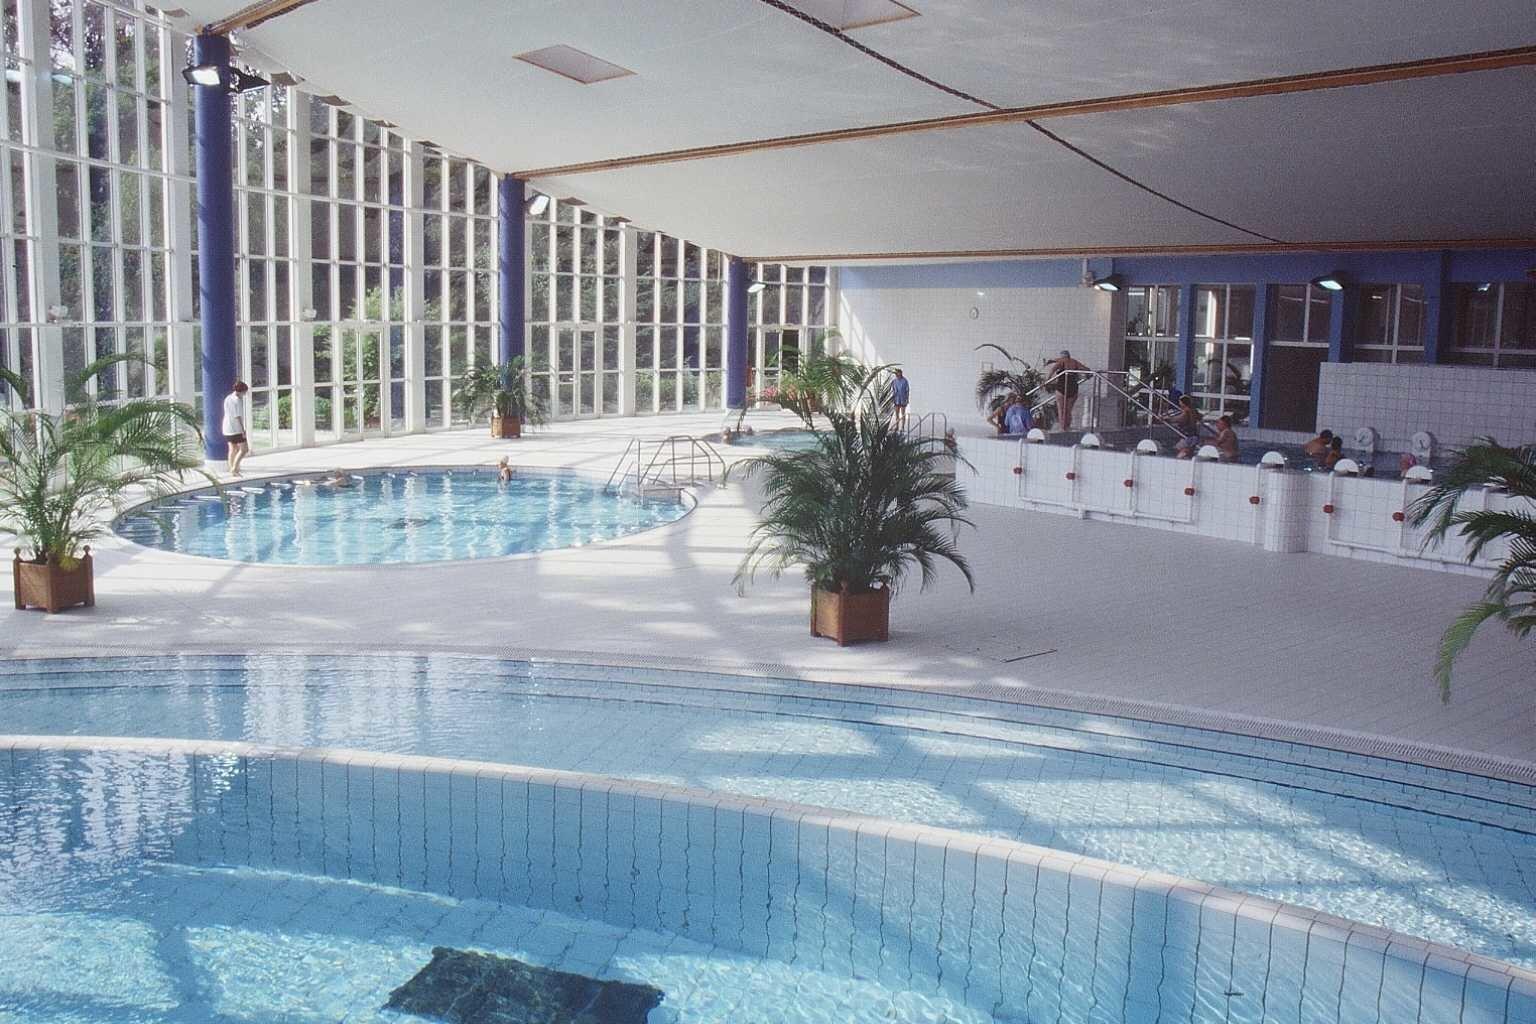 Saint amand les eaux une station thermale dans le - Office du tourisme saint amand les eaux ...